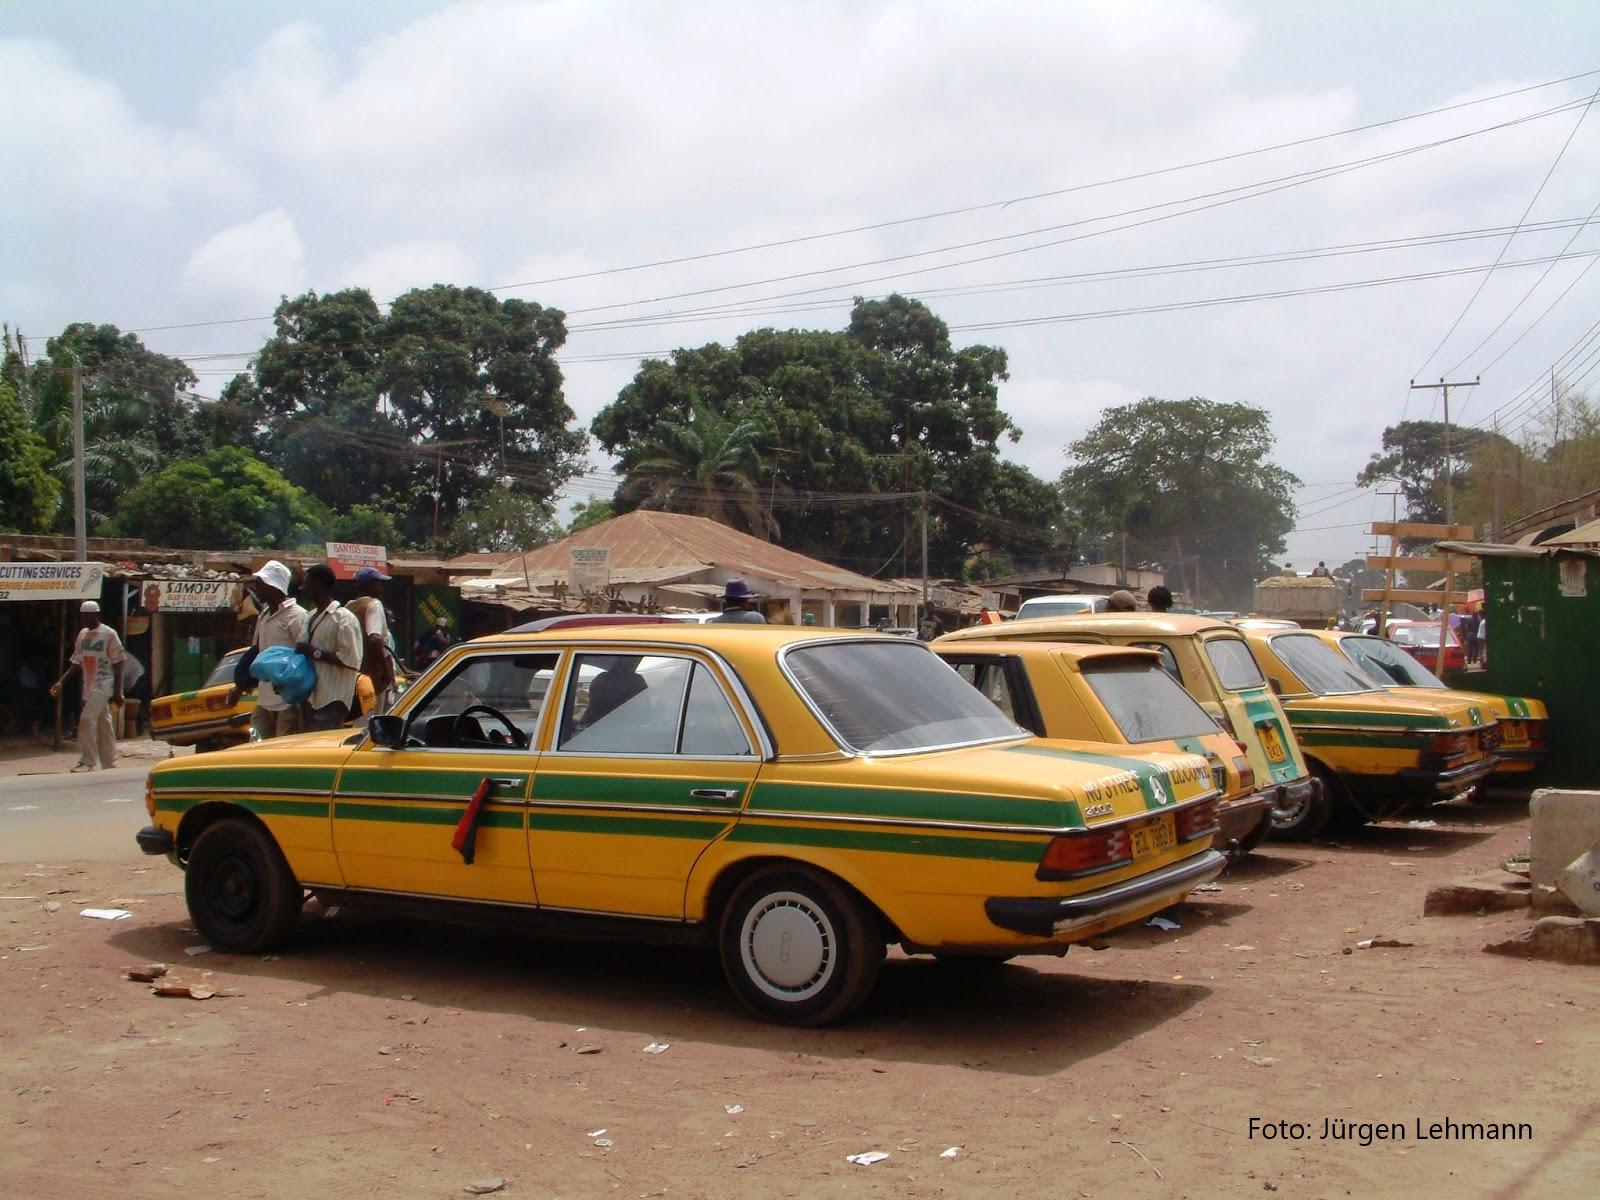 Gesucht: Spenden zur Wiederanschaffung eines Taxis